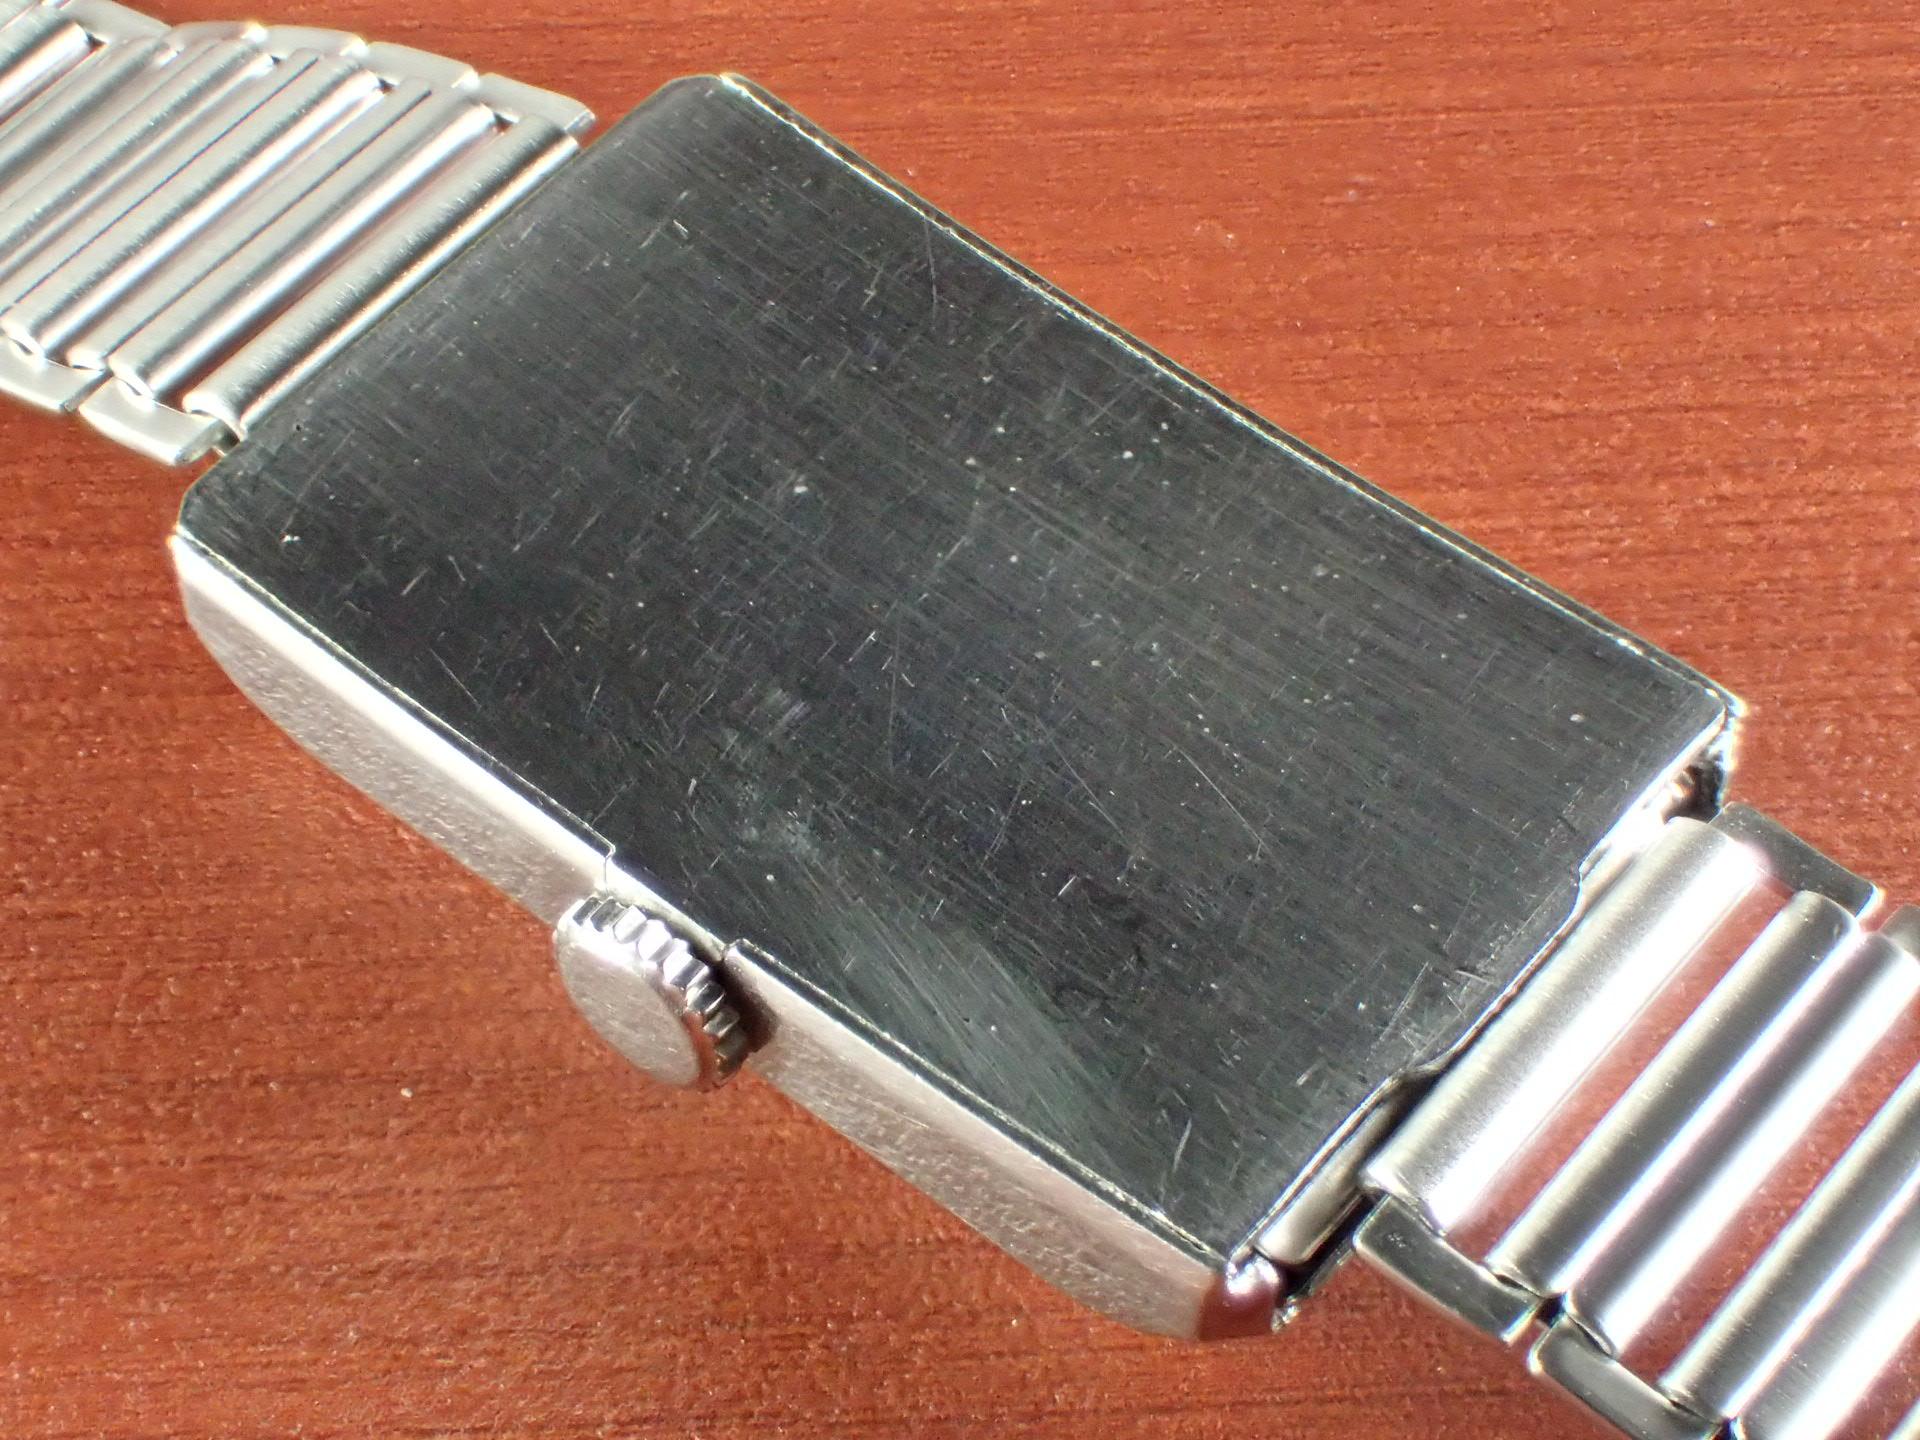 オメガ アールデコ レクタンギュラー Ref.CK689 1930年代の写真4枚目